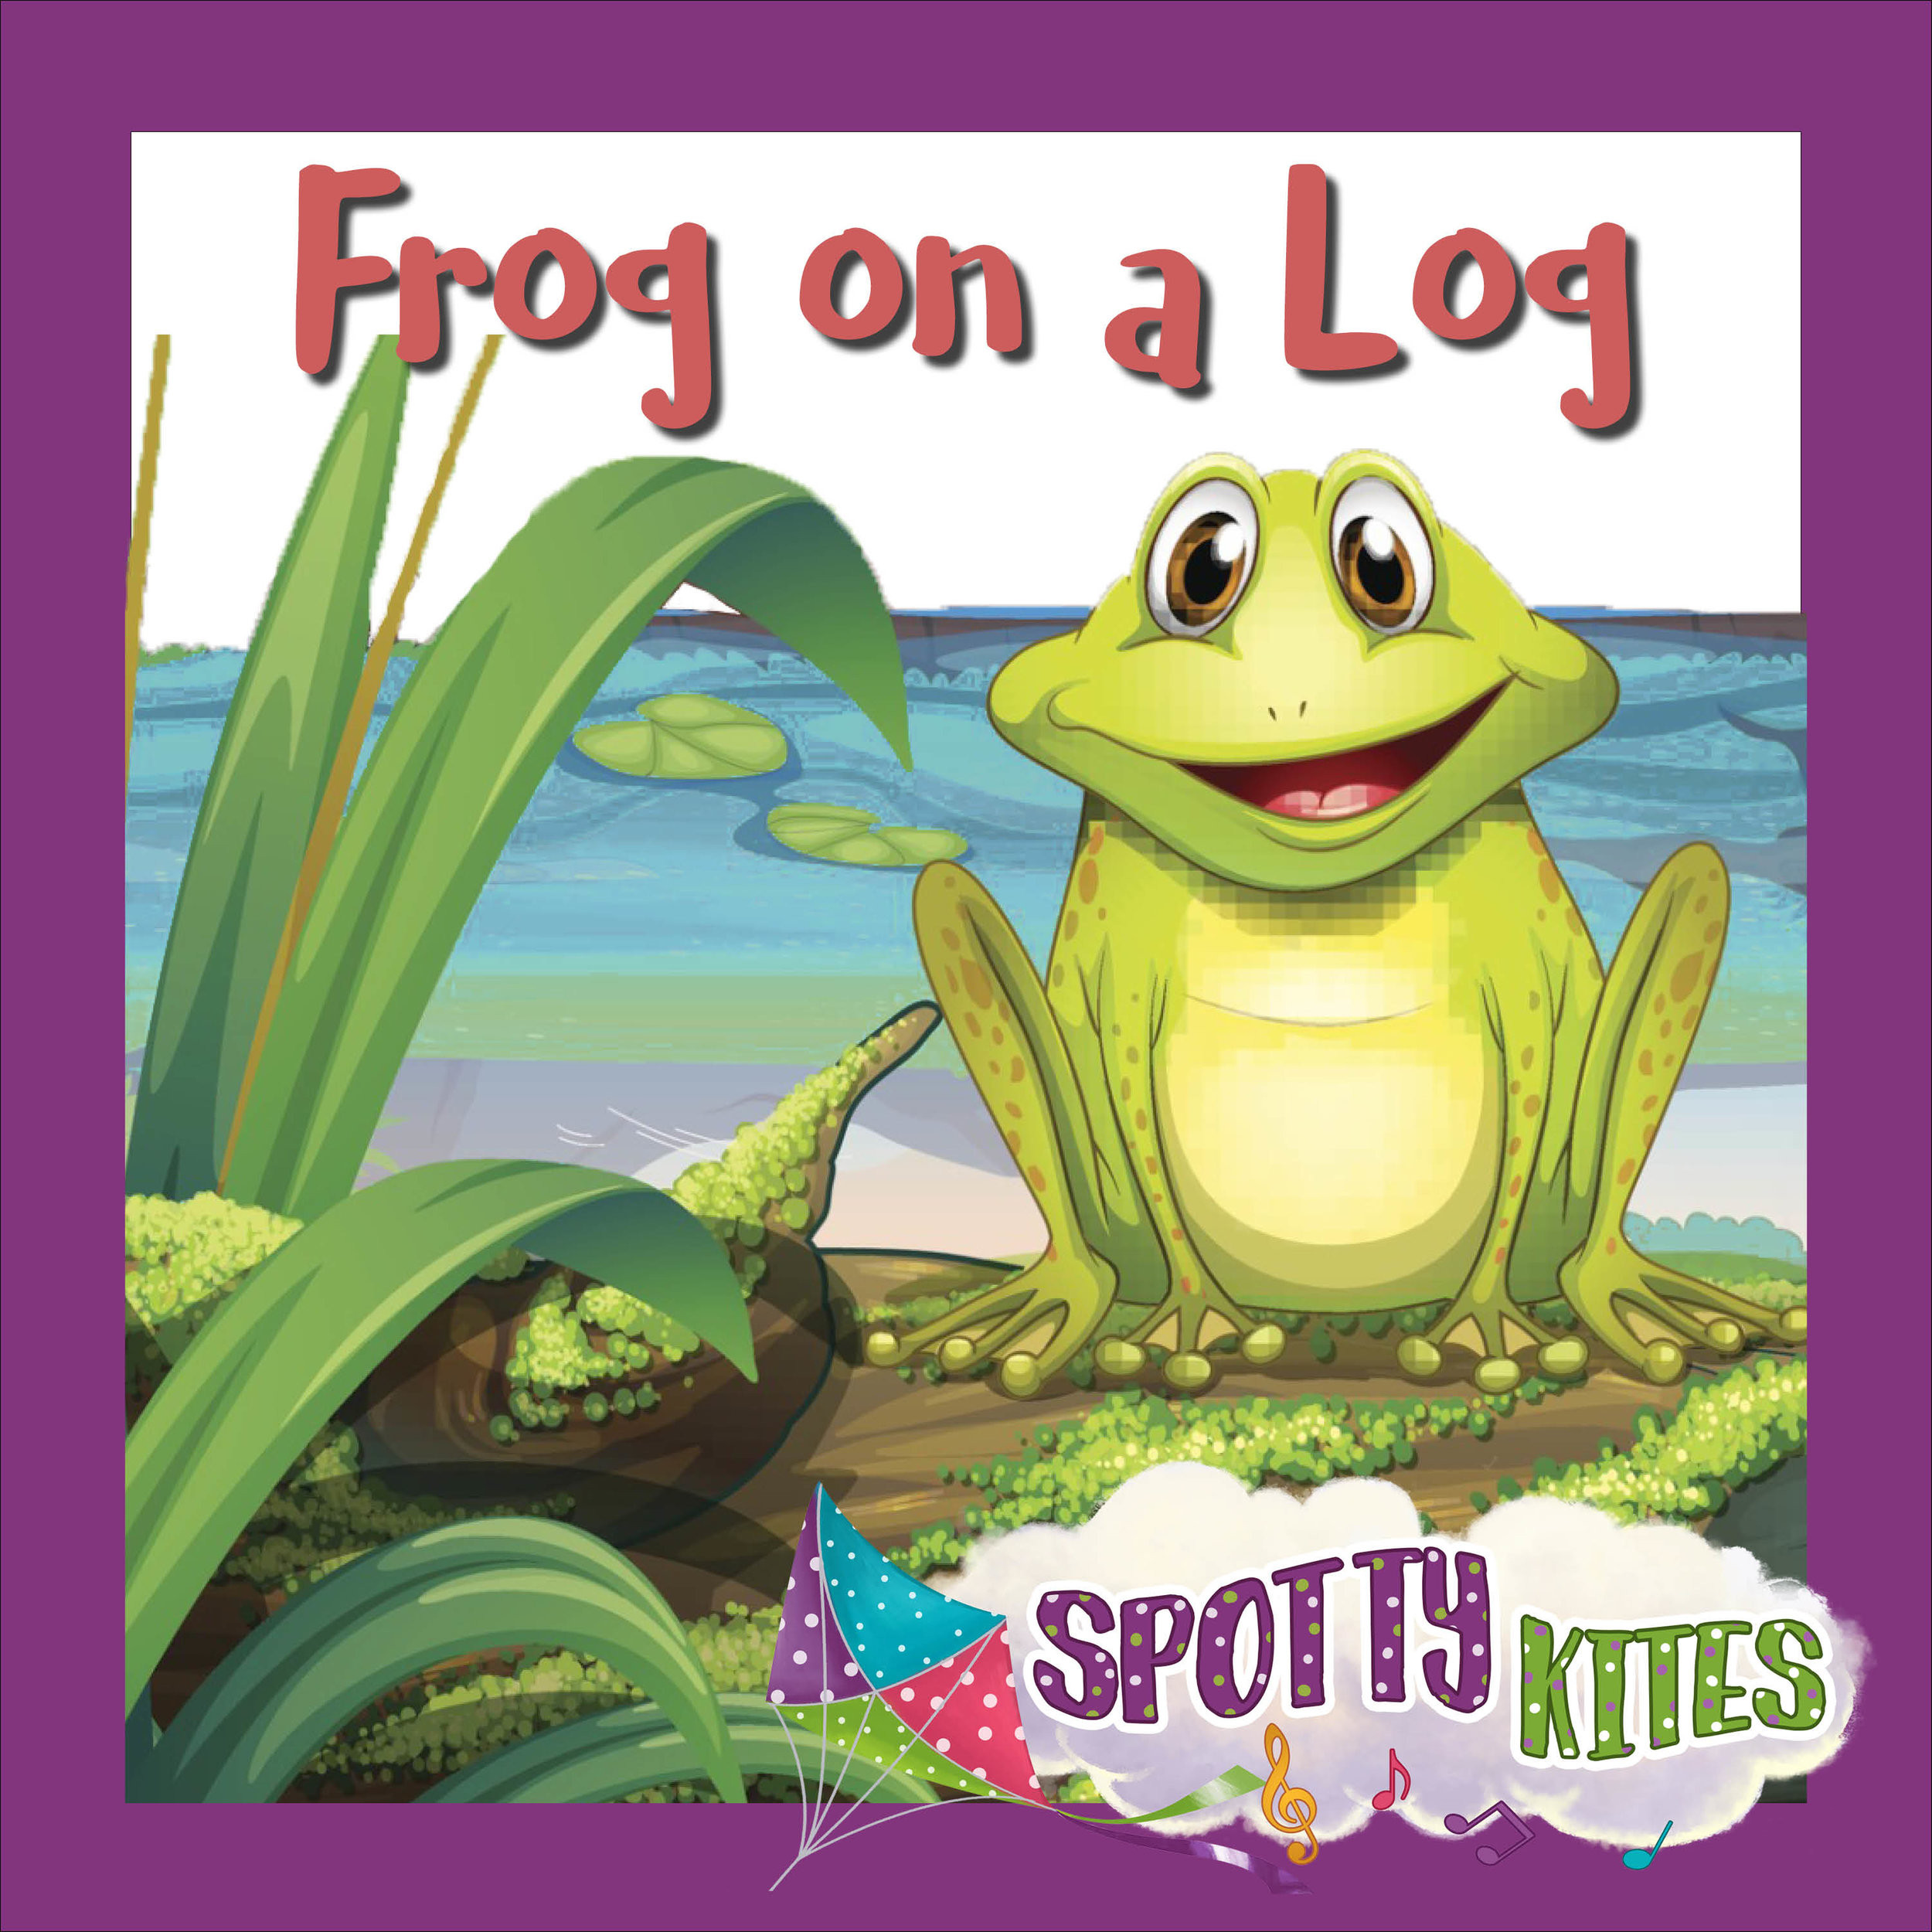 Spotty Kites Frog.jpg